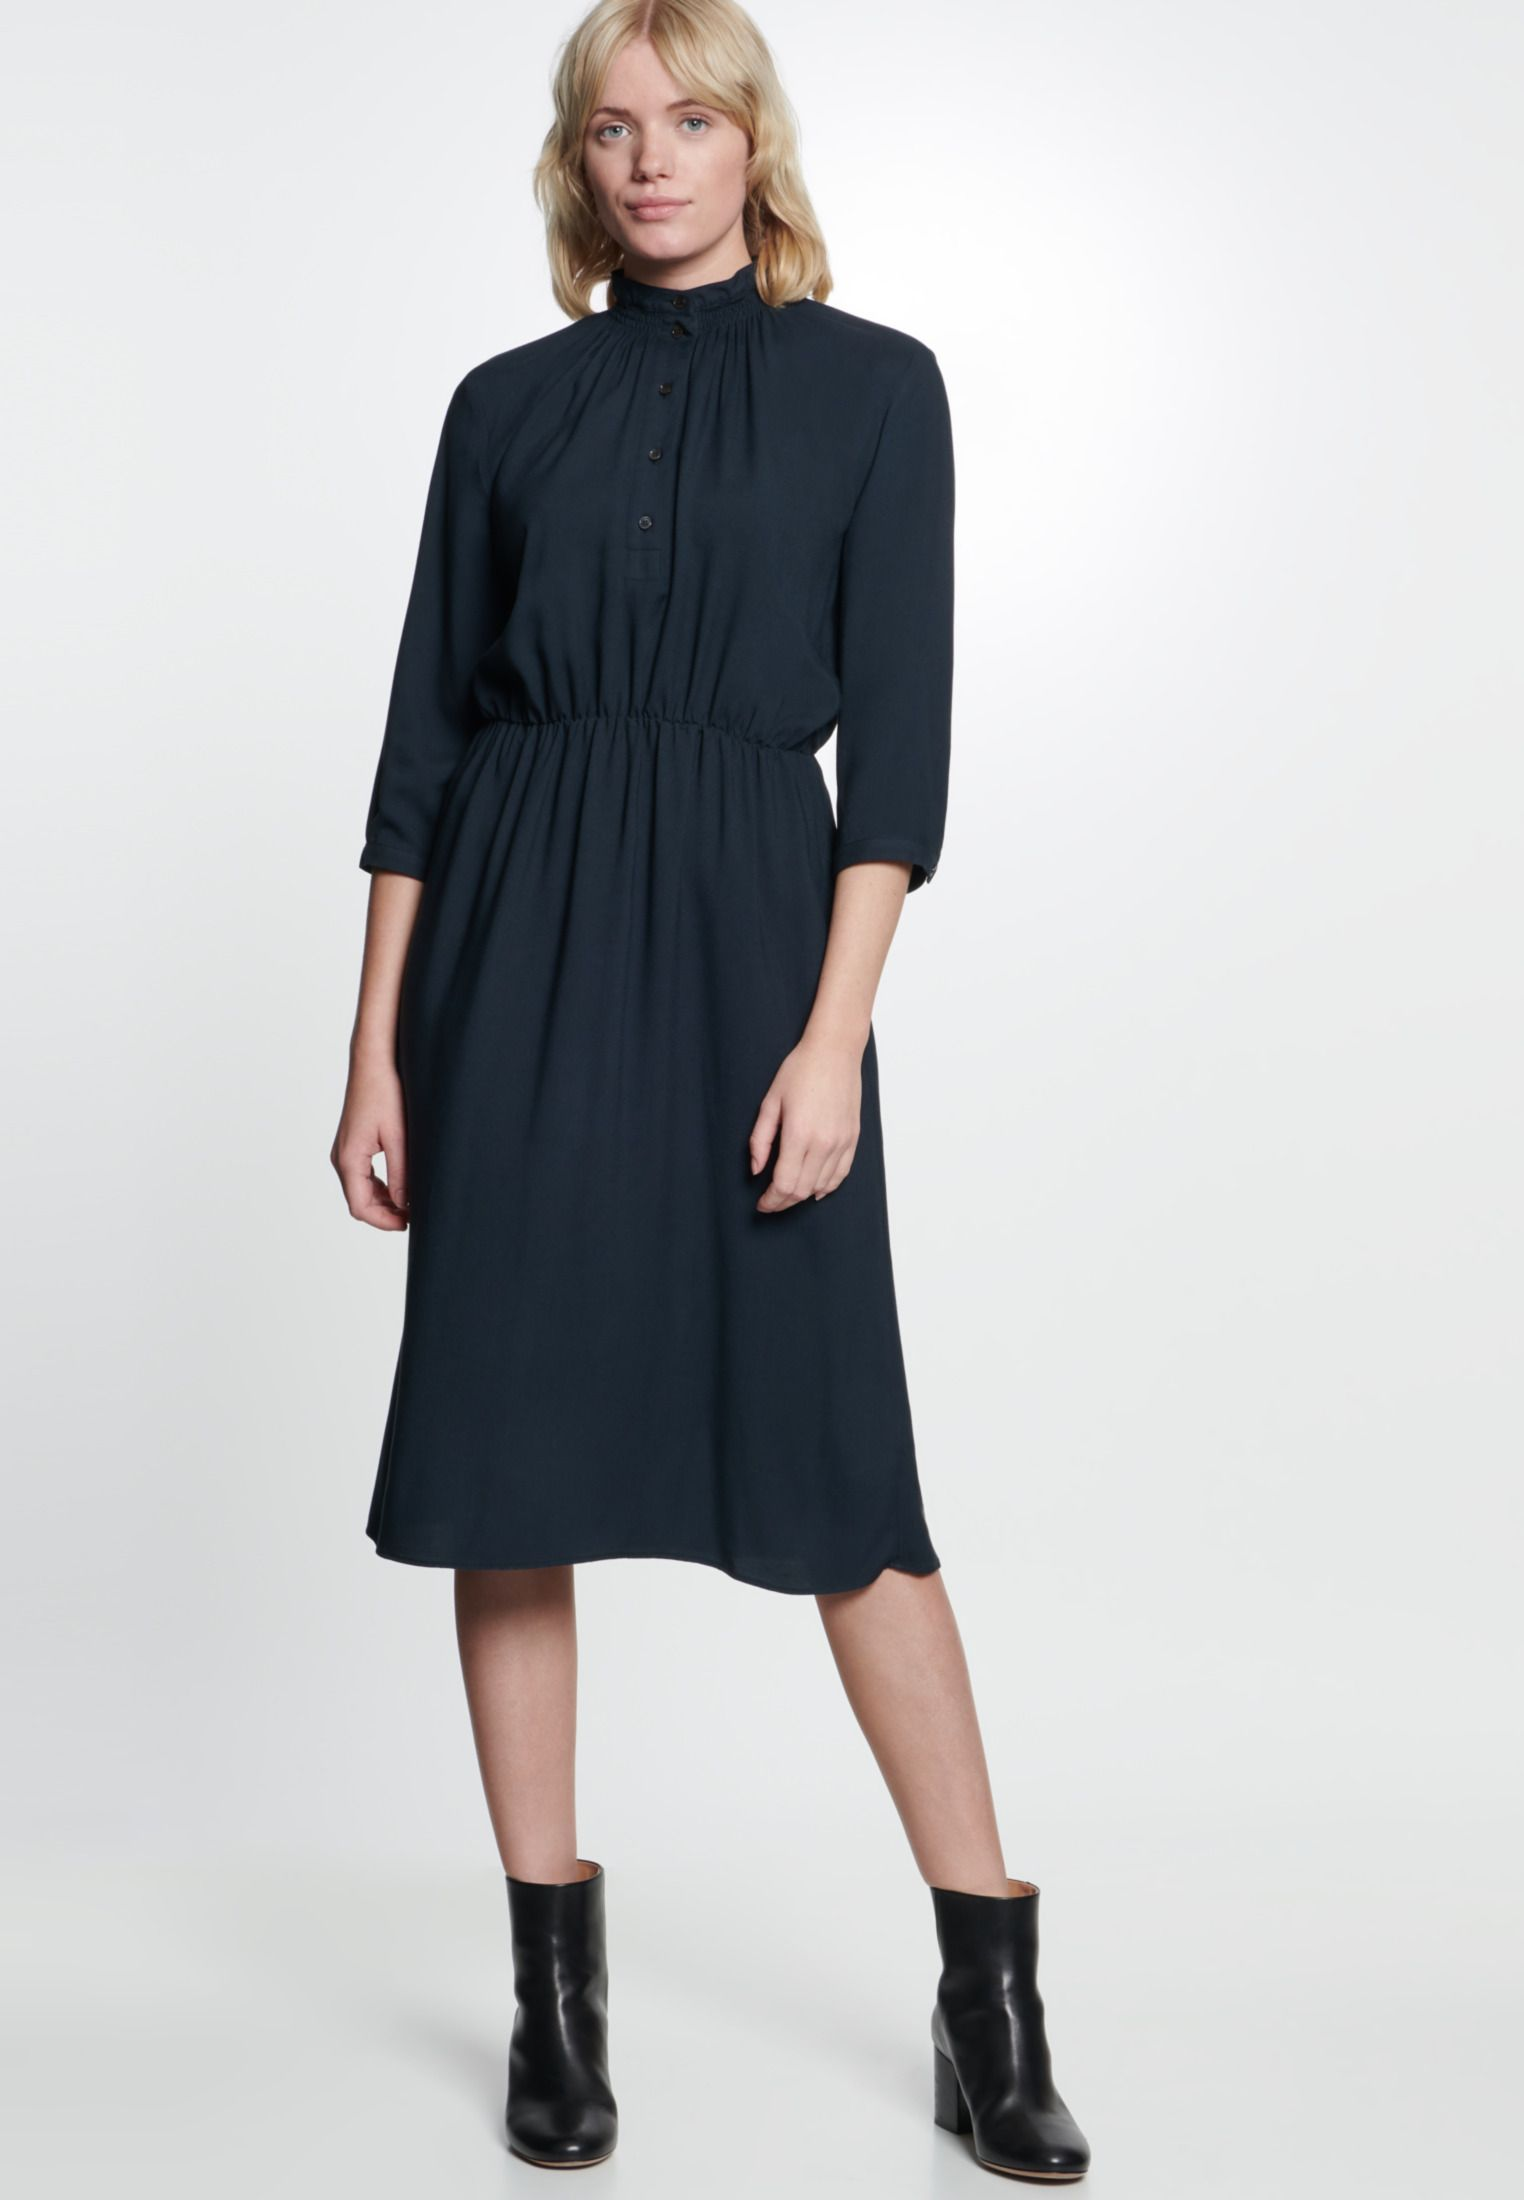 Twill Maxi Kleid aus 14% Viskose  Kleider, Das kleine schwarze